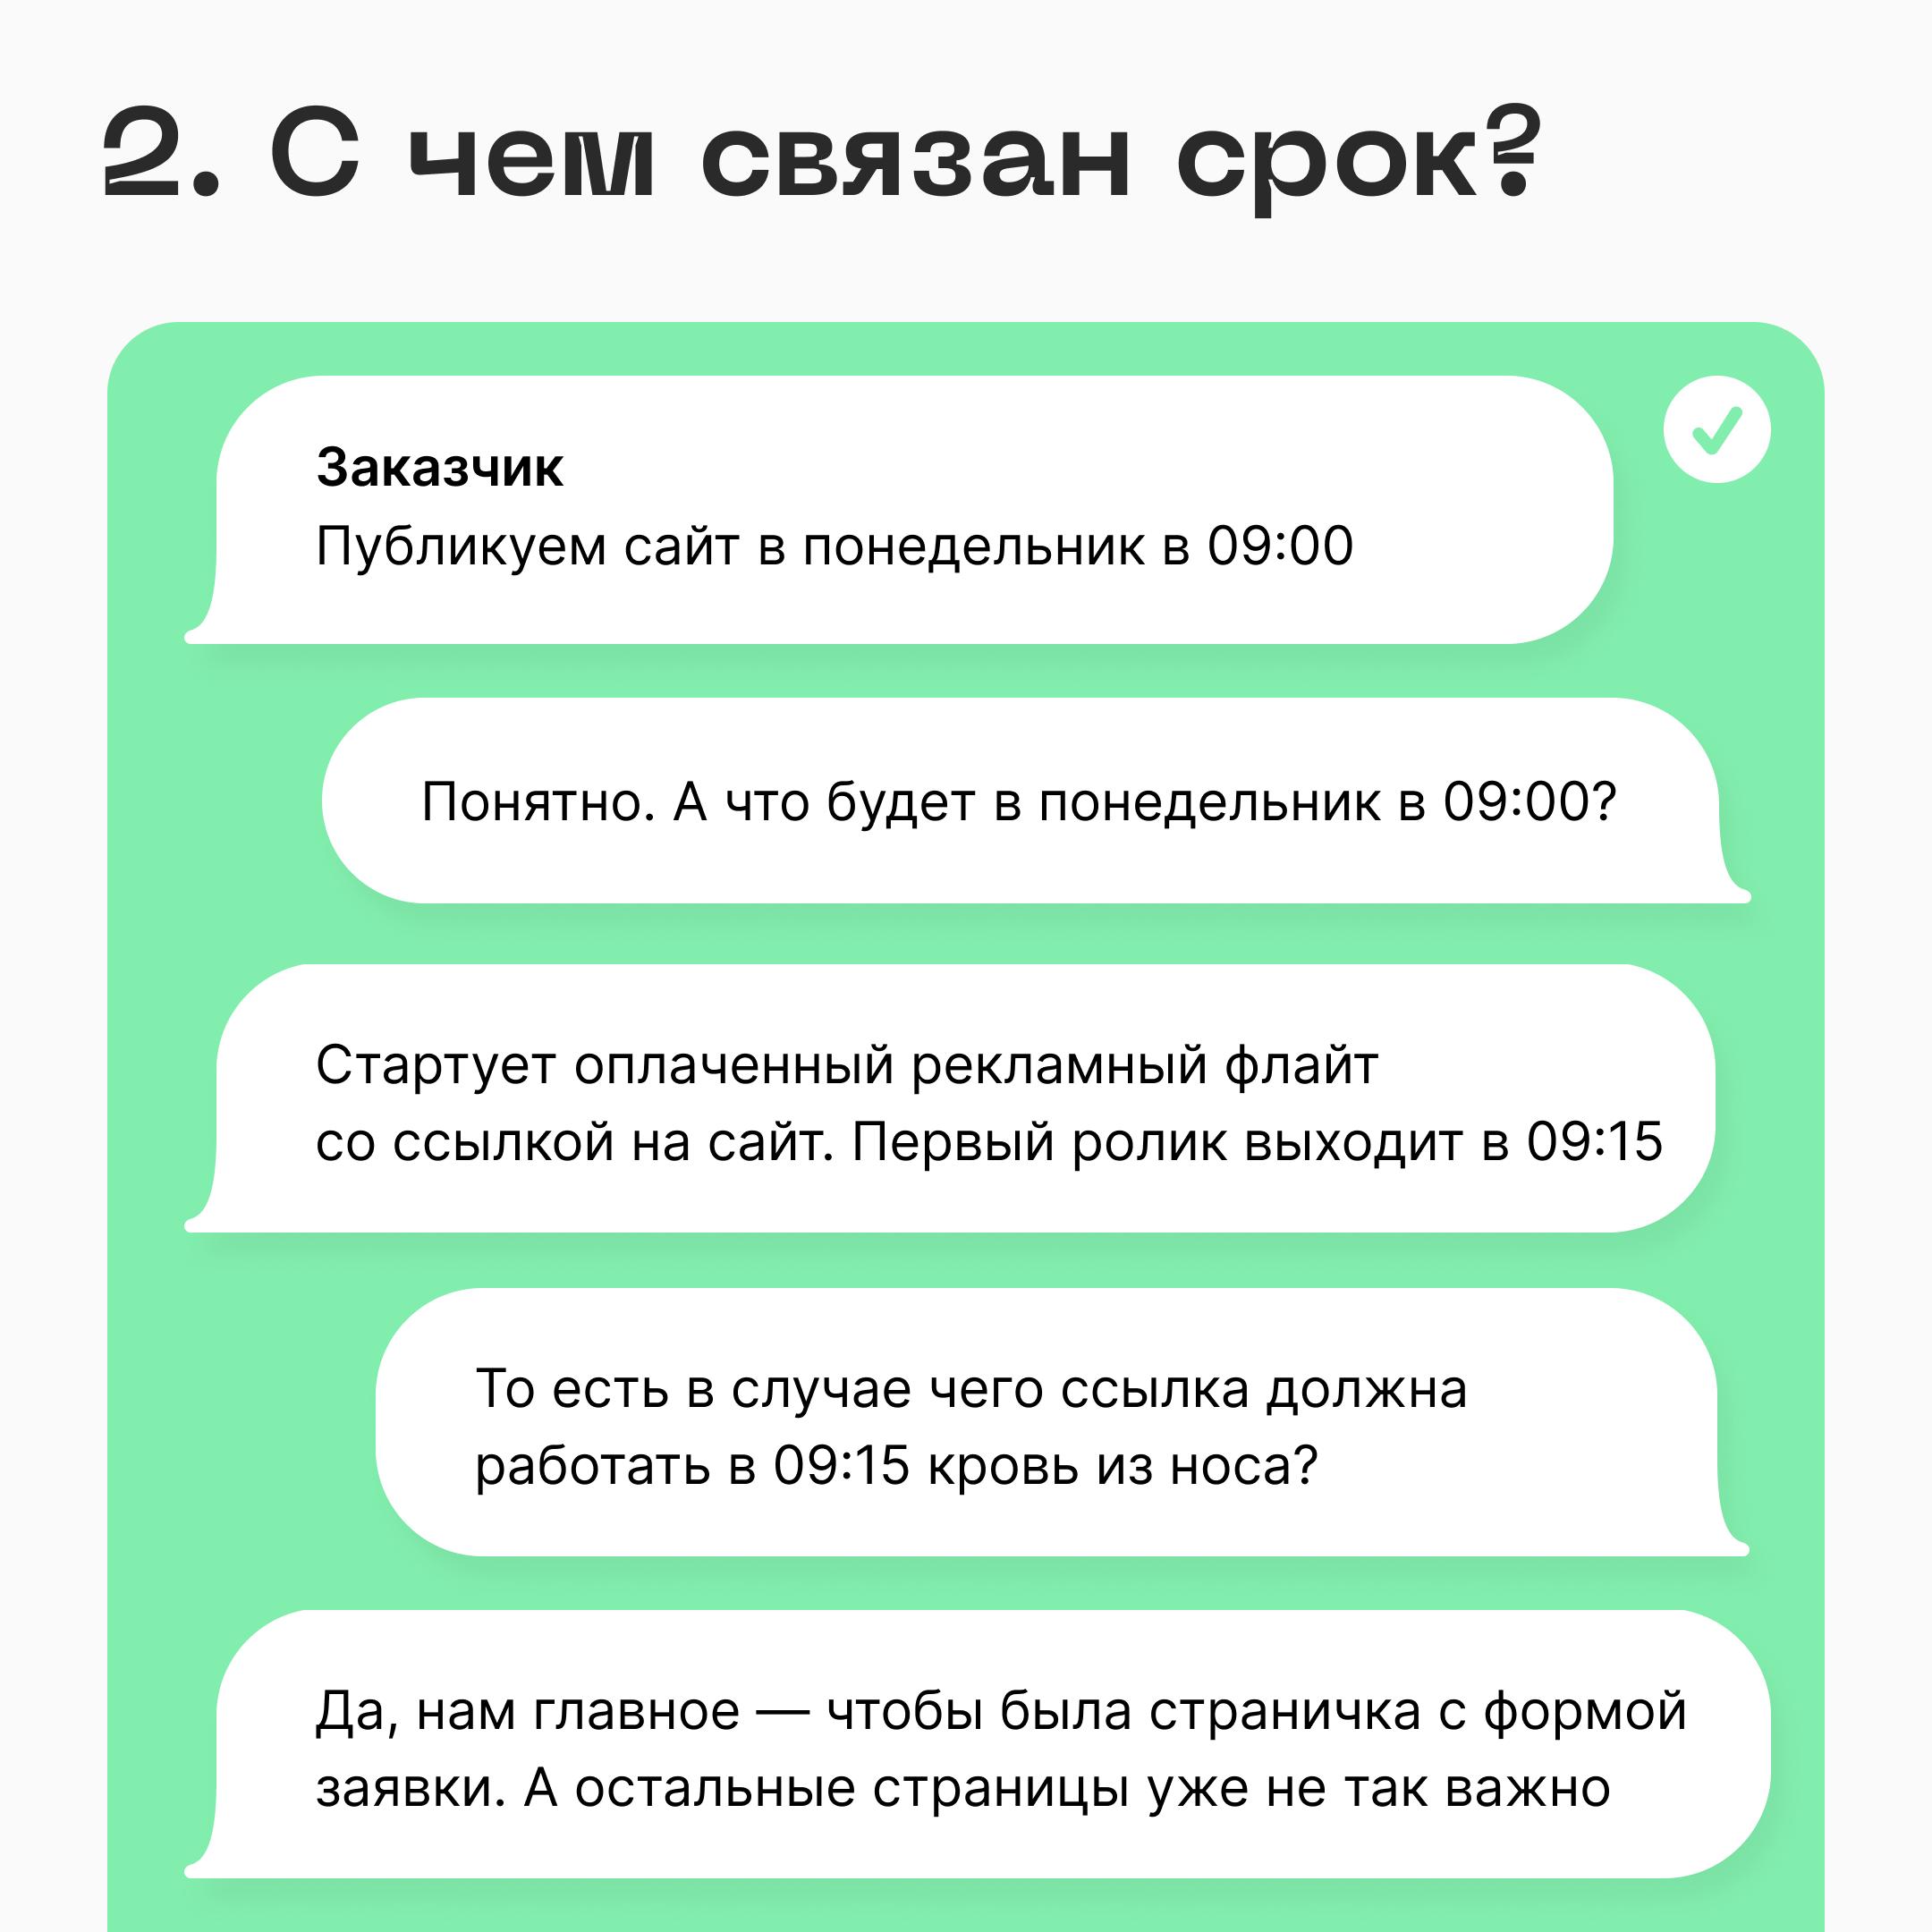 Второй вопрос: с чем связан срок?